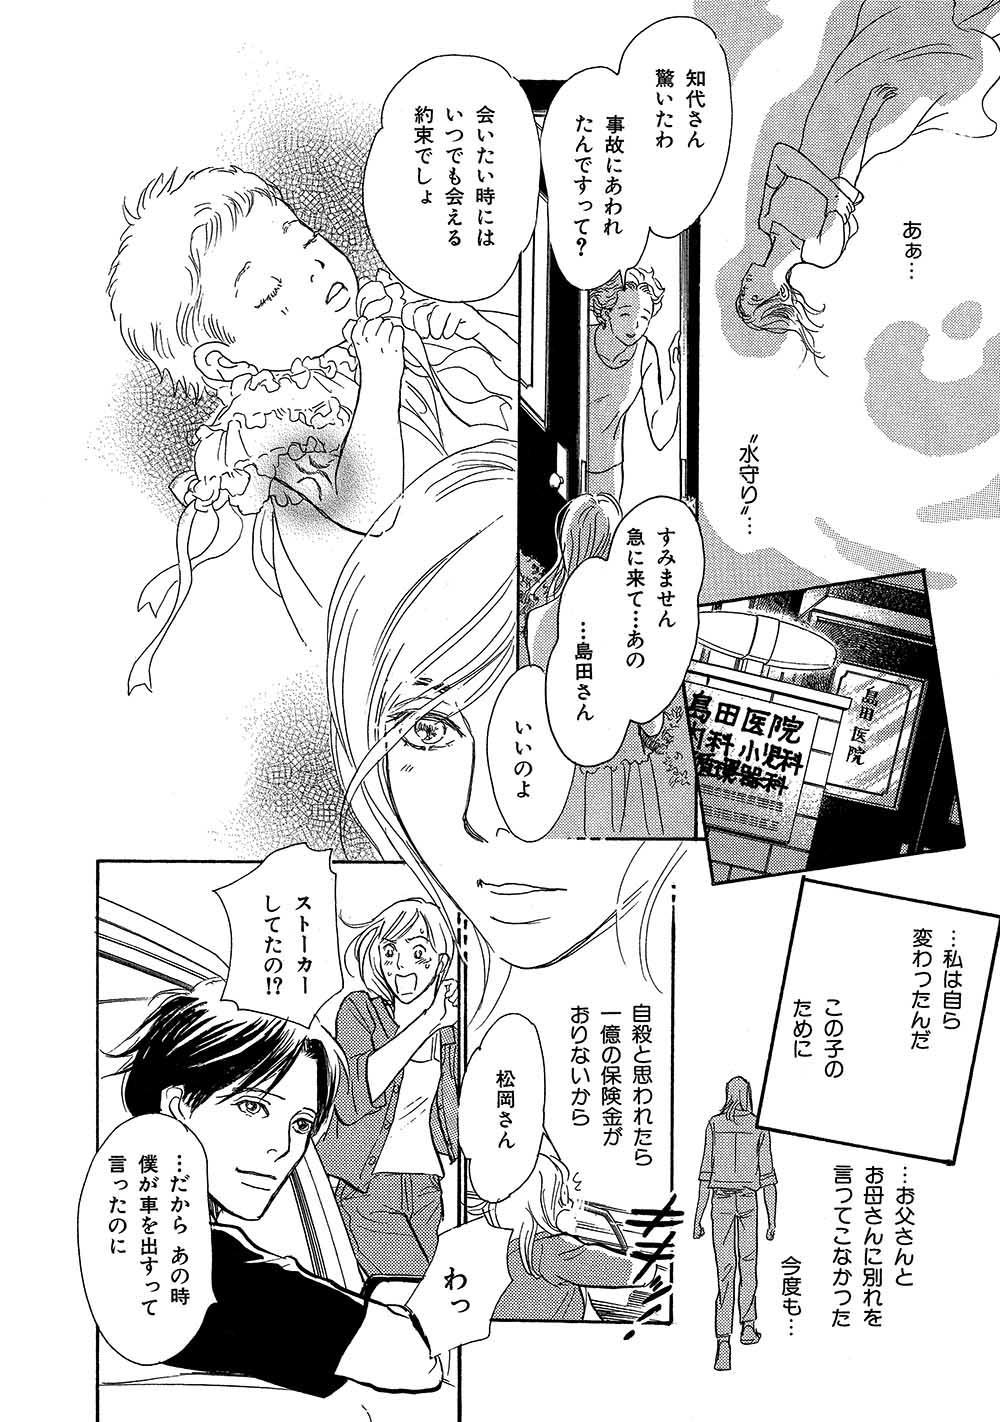 hyakki_0016_0090.jpg